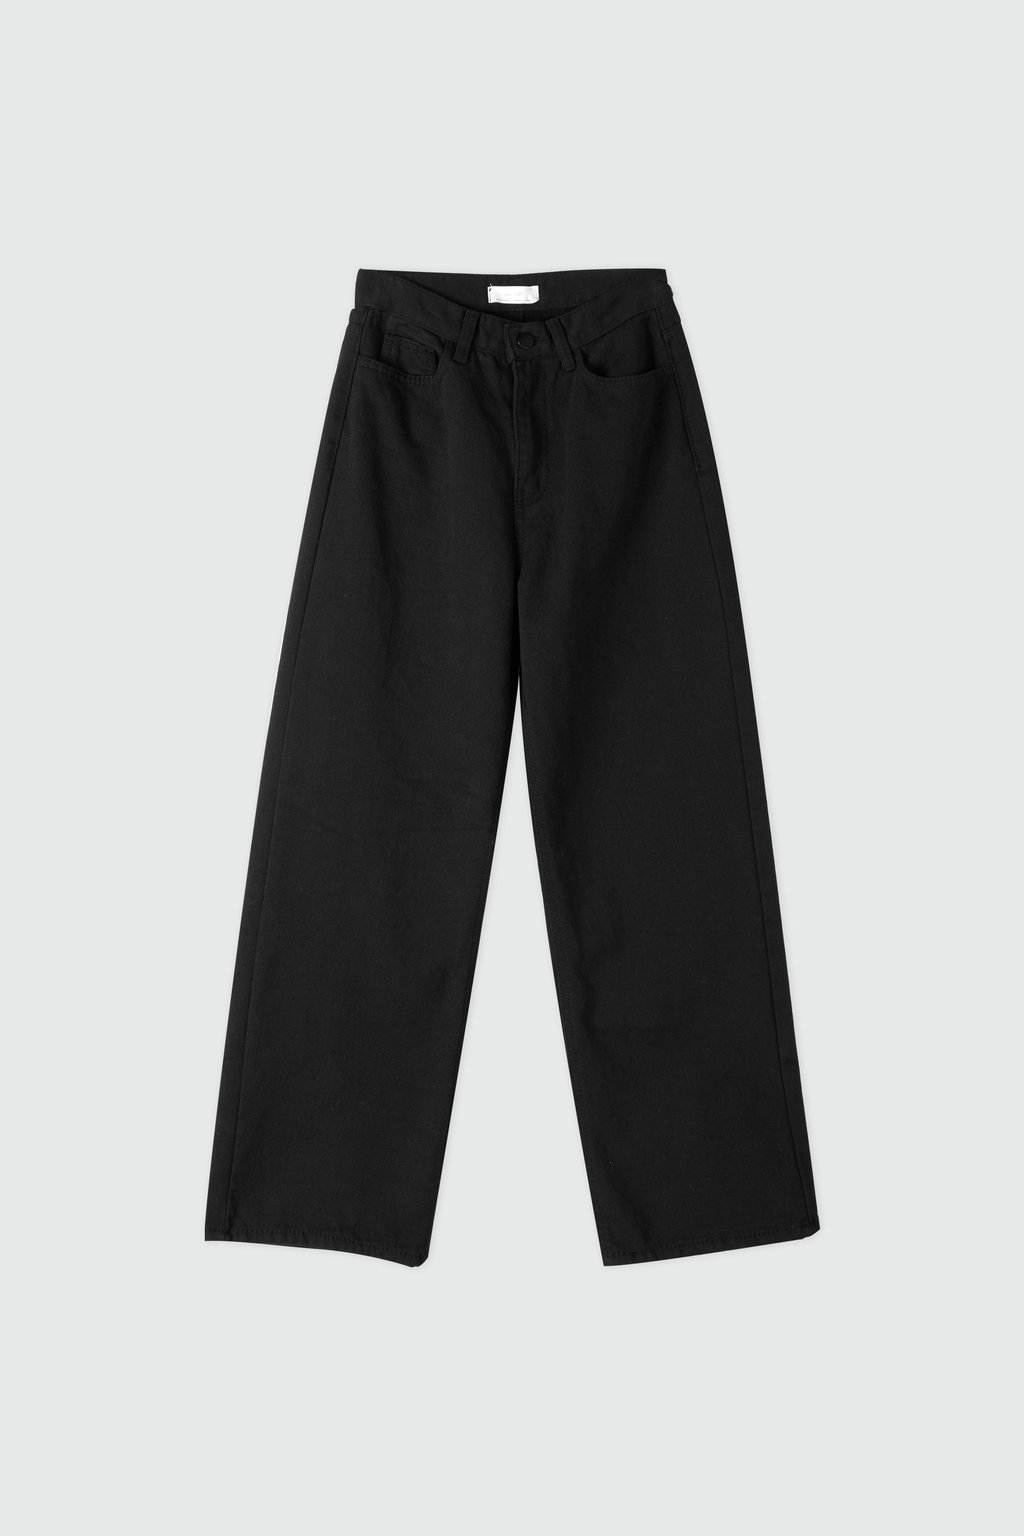 Pant J009 Black 12